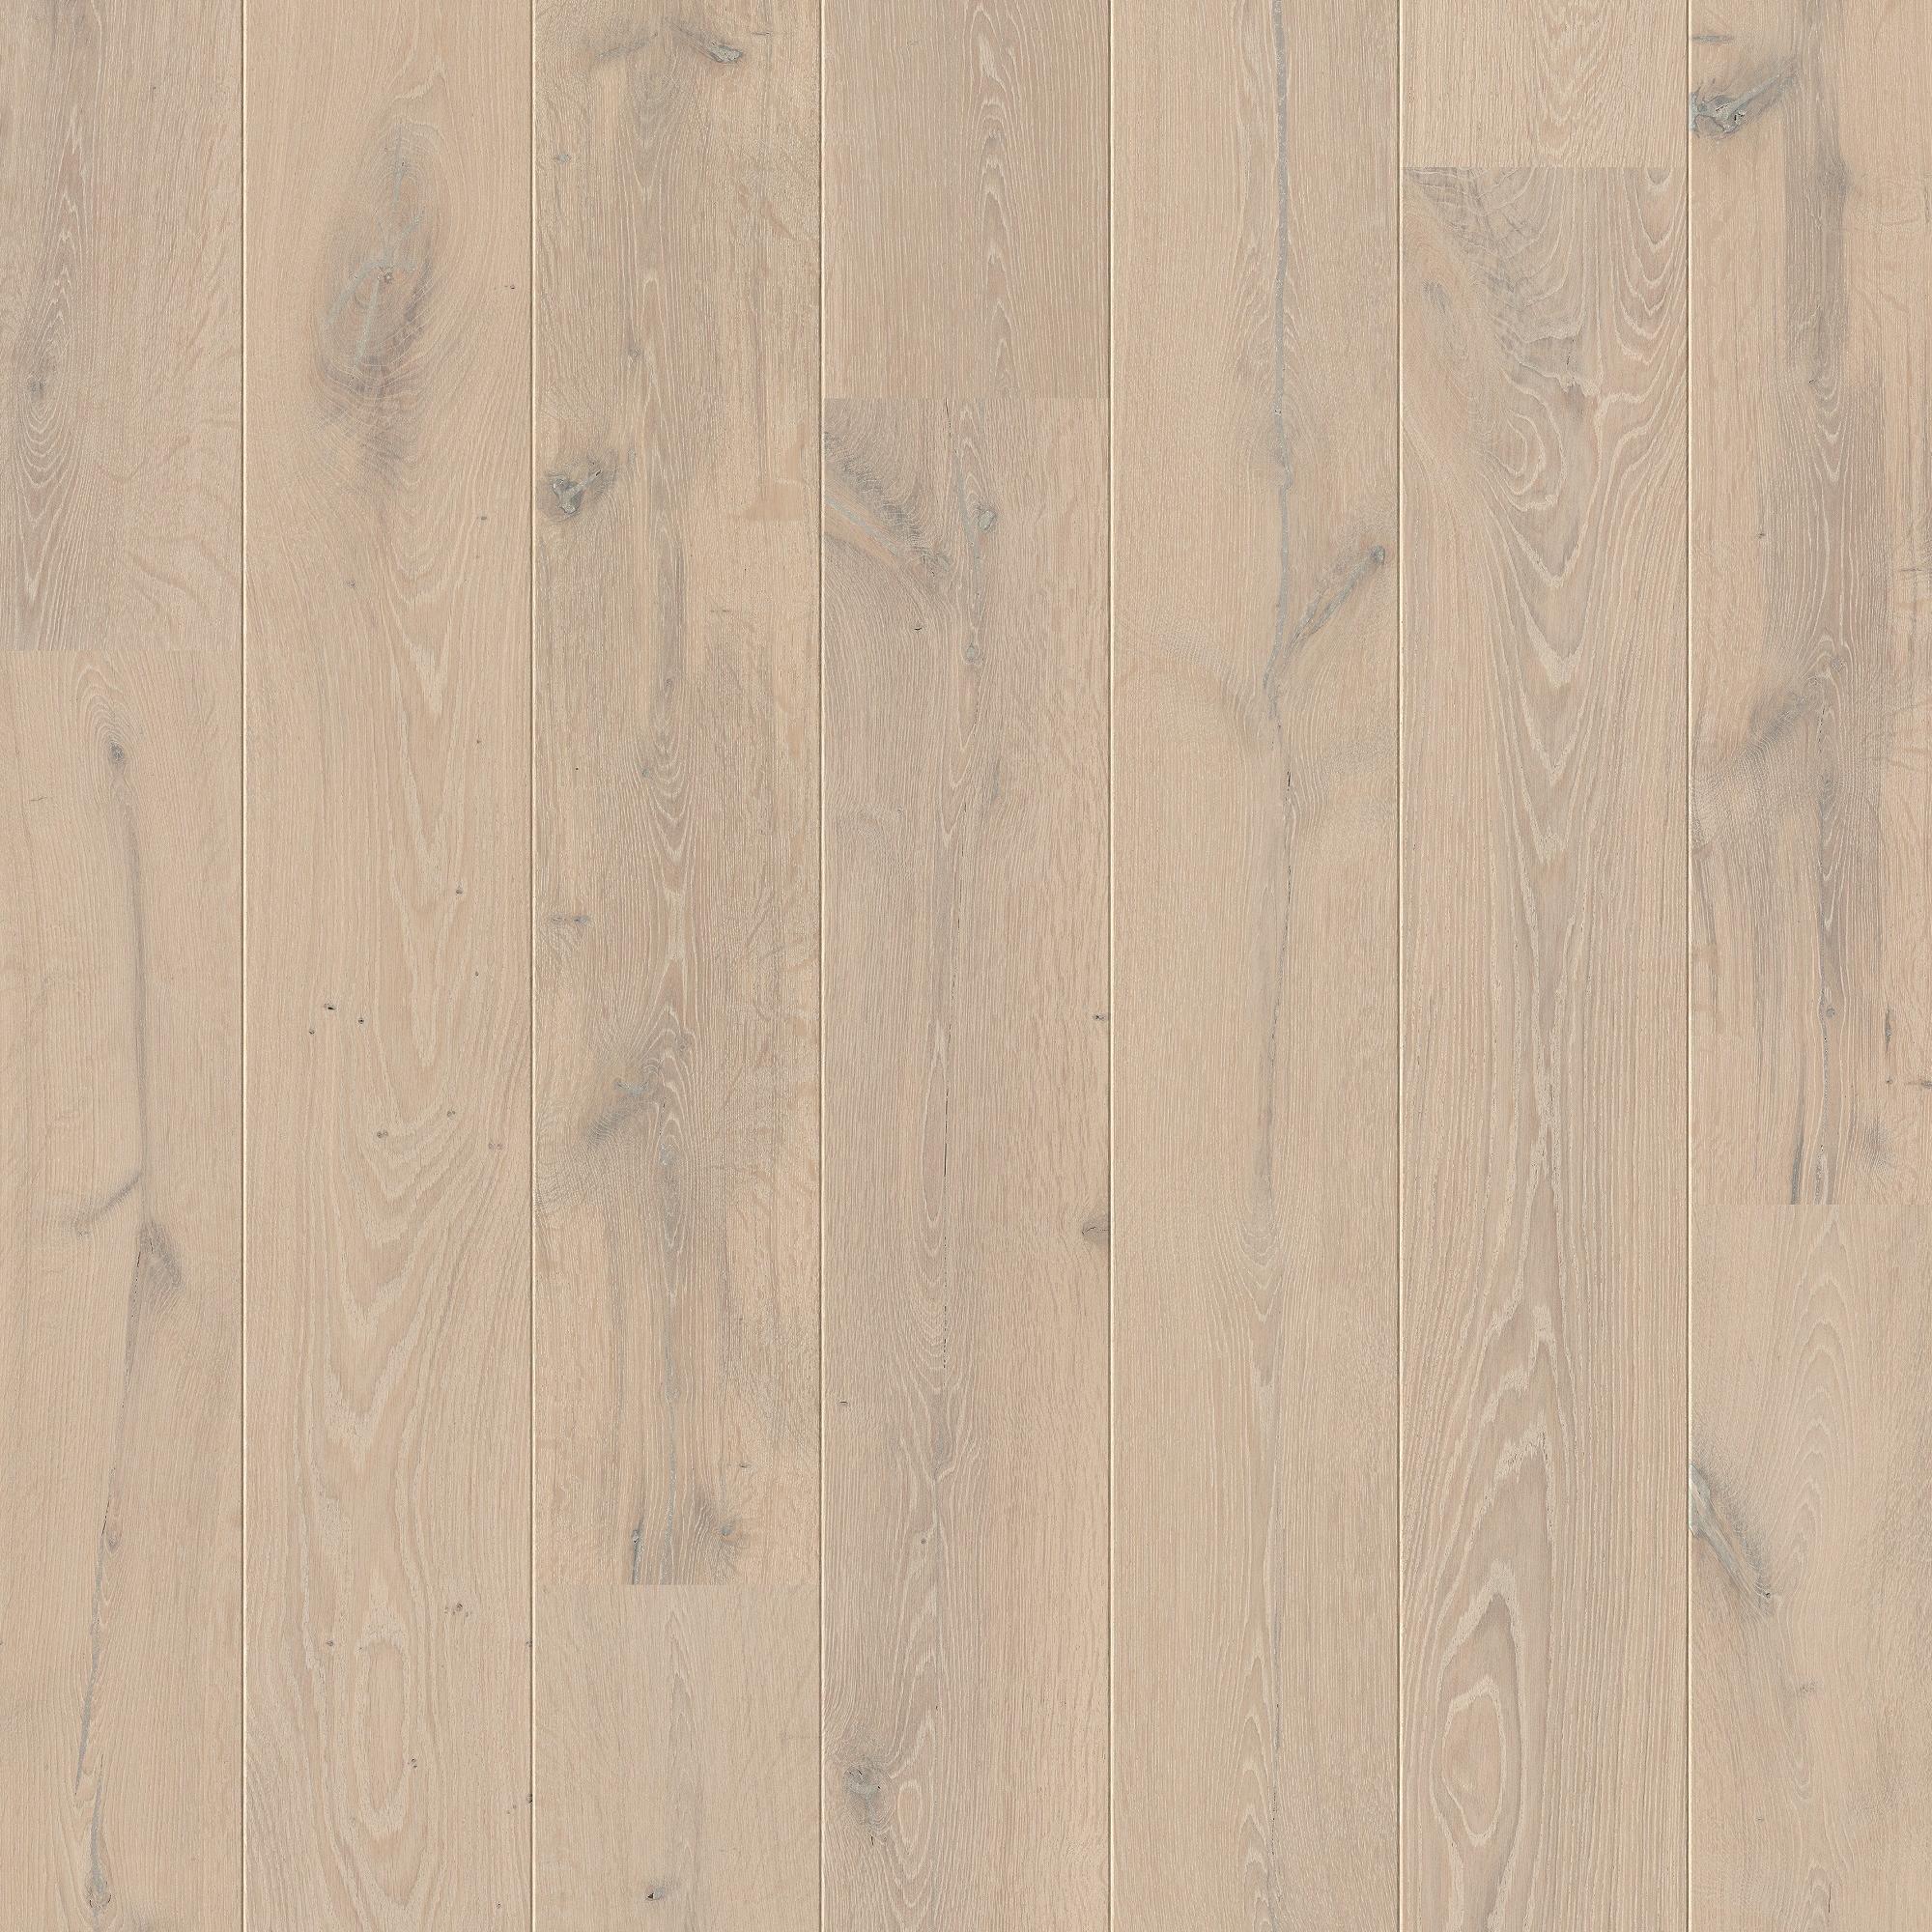 Trägolv Pergo White Sand Oak